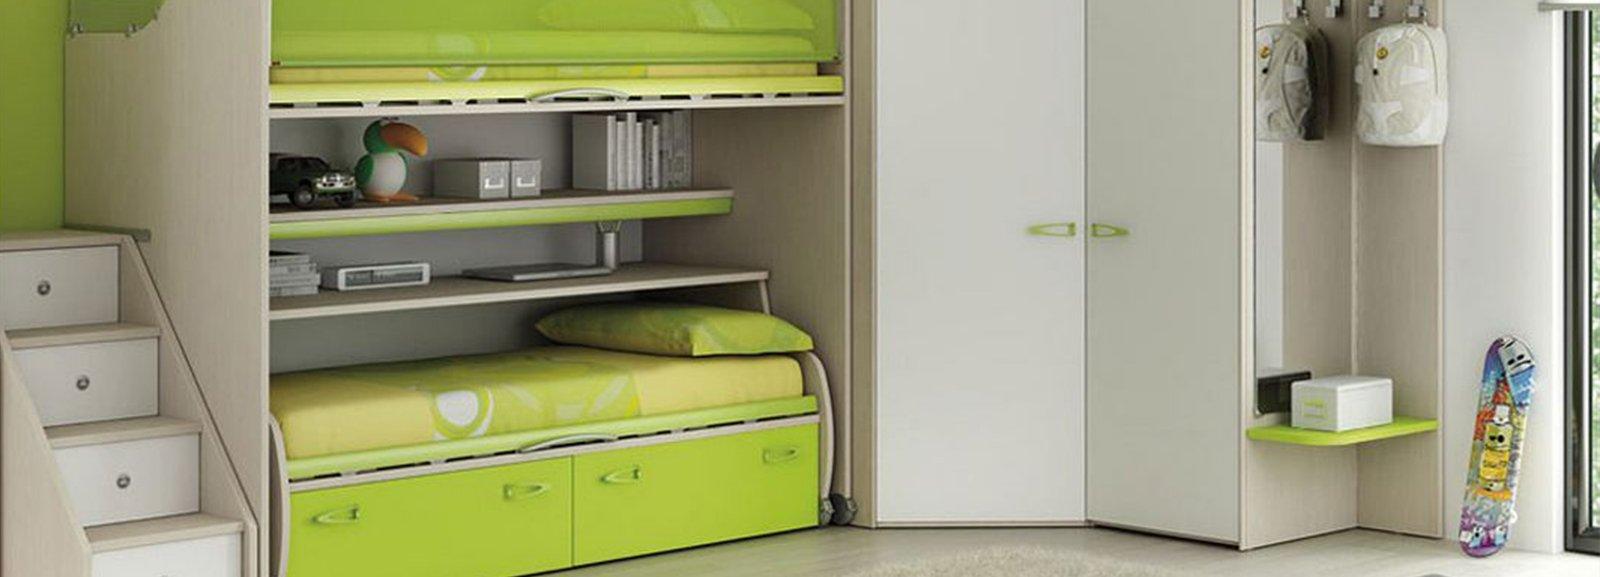 Camerette salvaspazio cose di casa for Arredamento camerette piccoli spazi